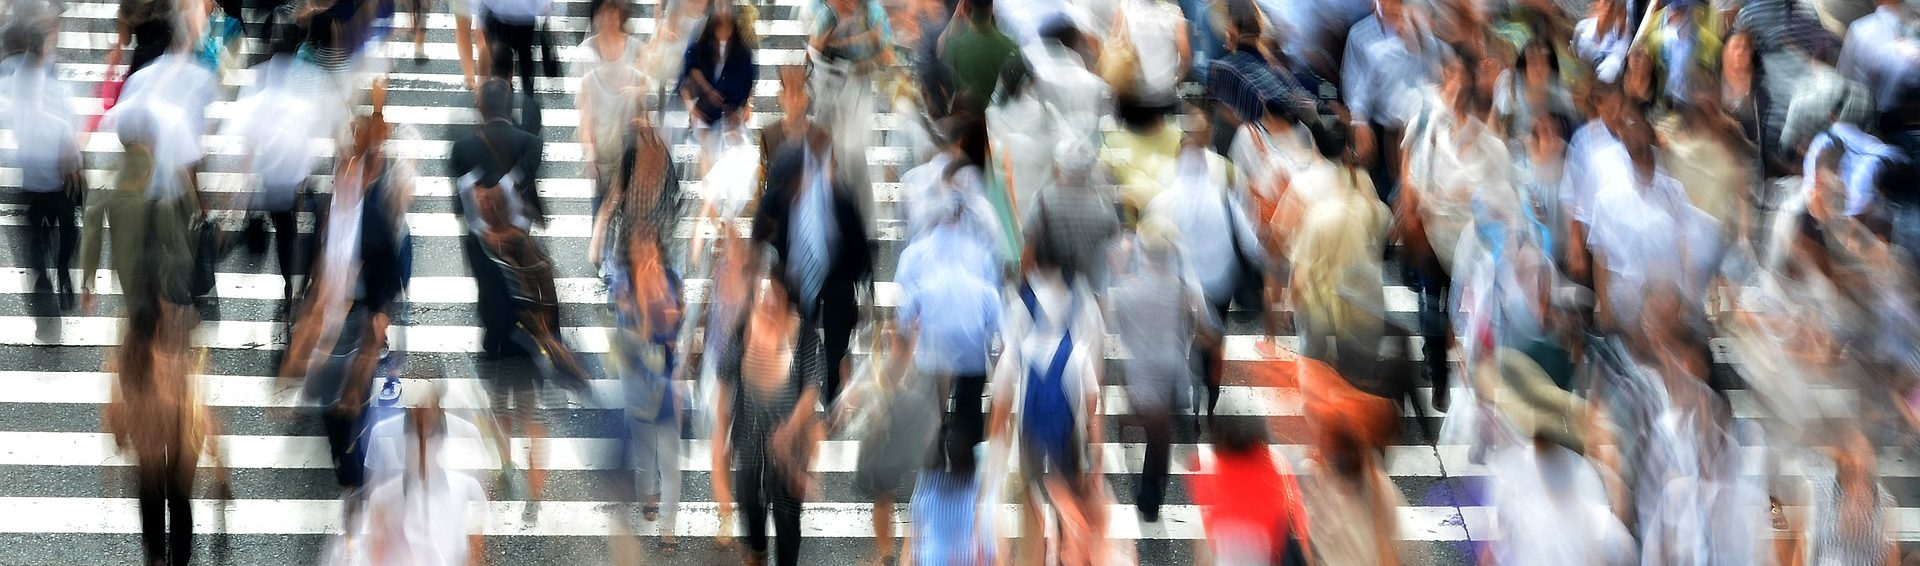 pedestrians crossing an urban street